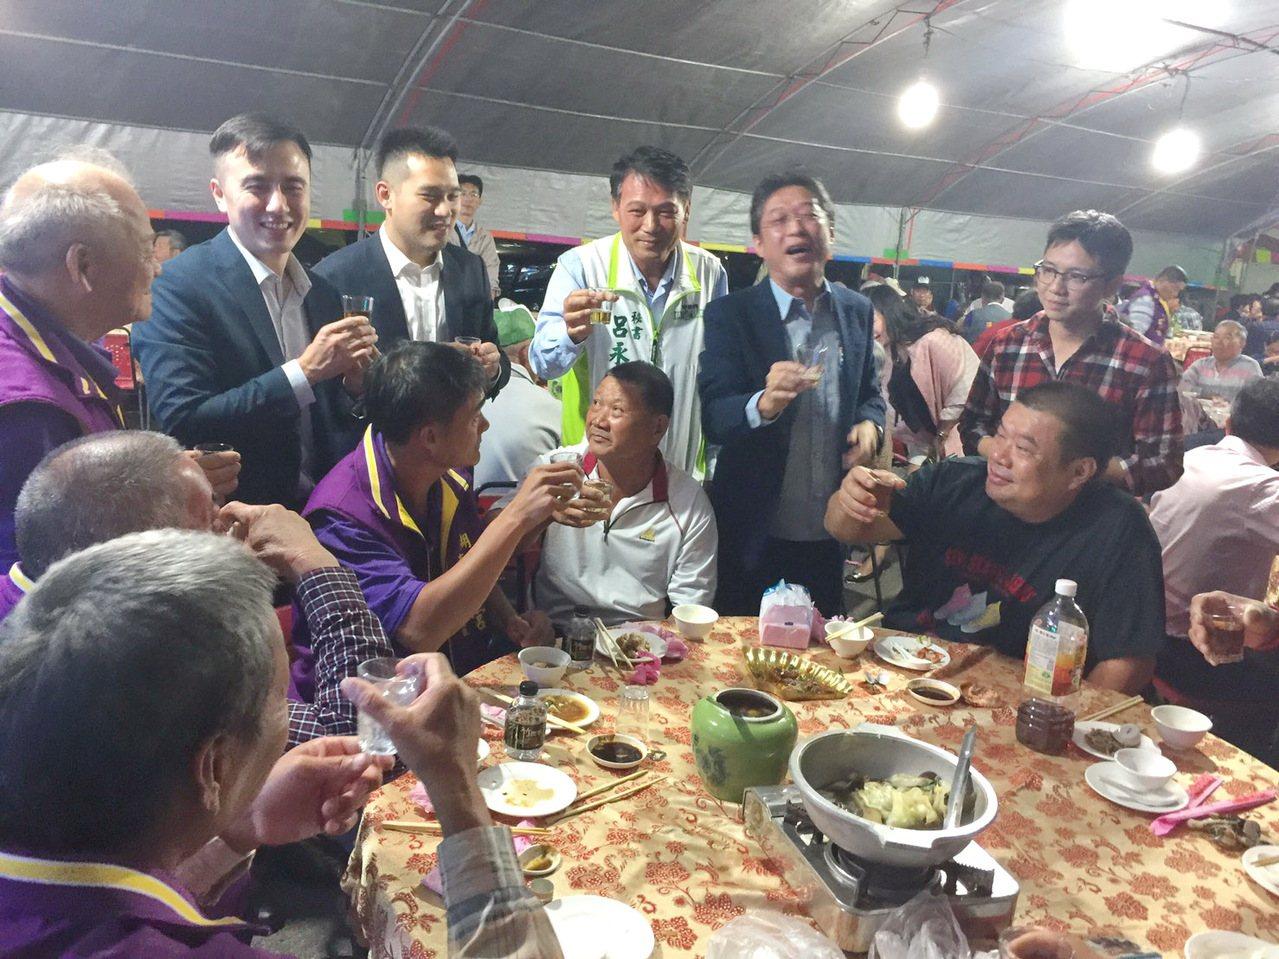 將建造雲林第一座綠能電廠的永鑫能源公司大開敬老宴和鄉親博感情。 記者蔡維斌/攝影